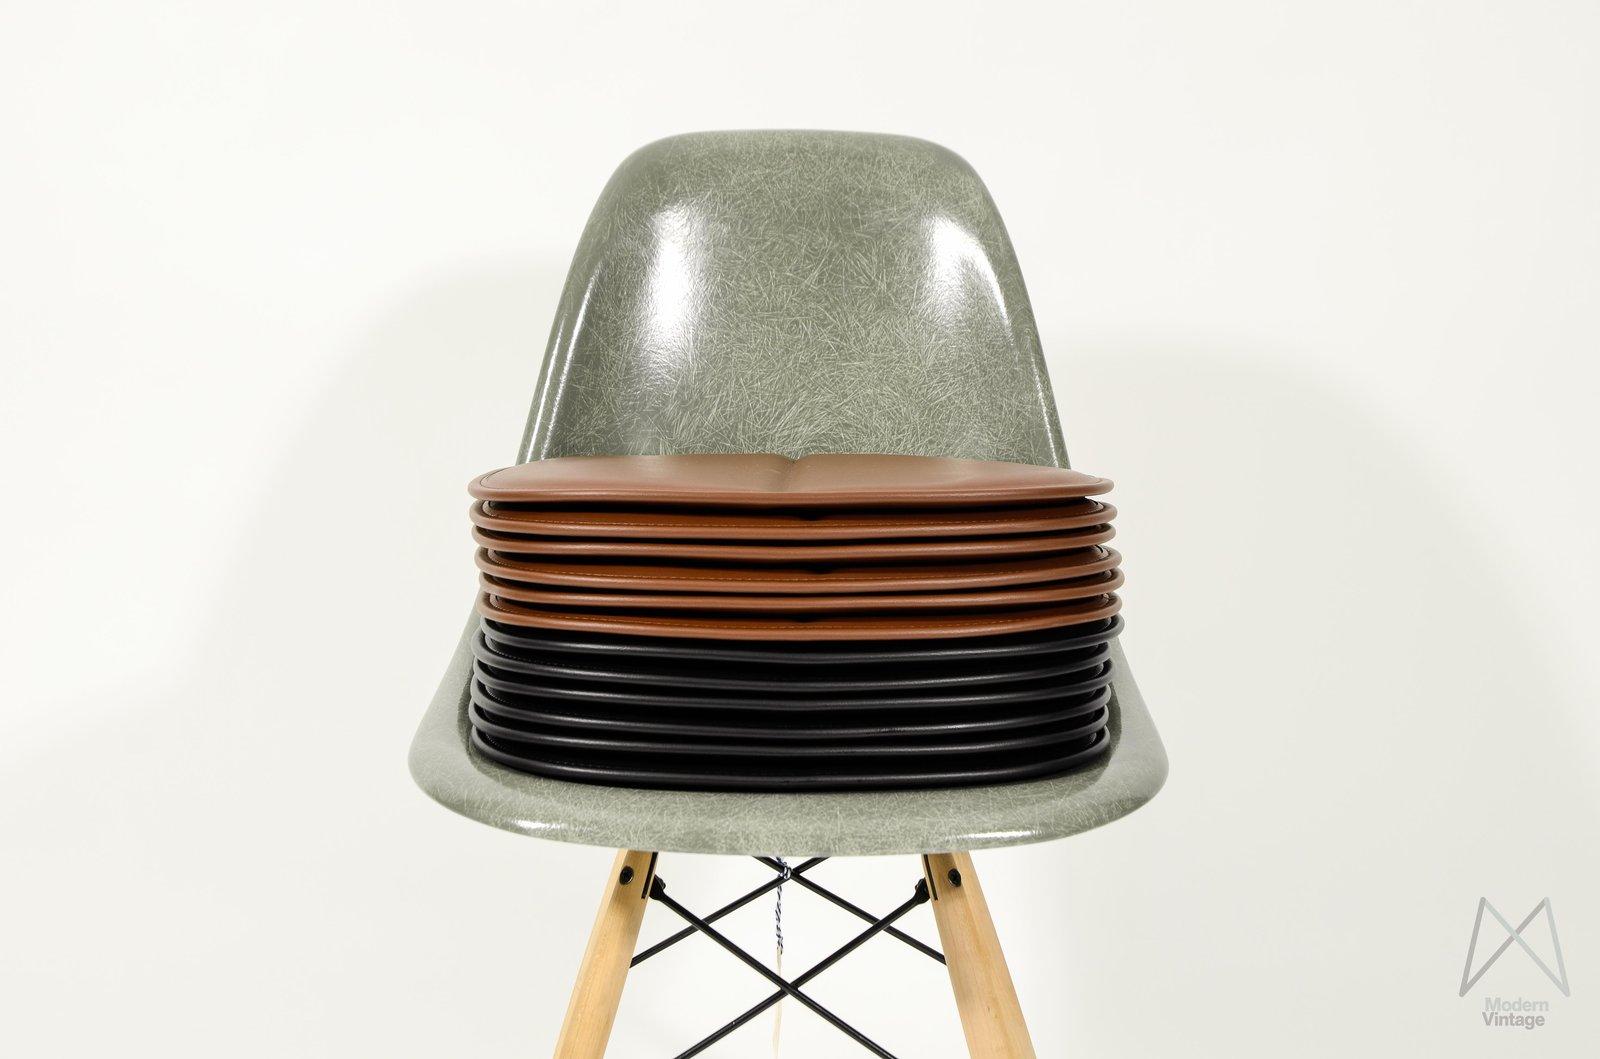 Eames Sessel modern vintage amsterdam original eames furniture home